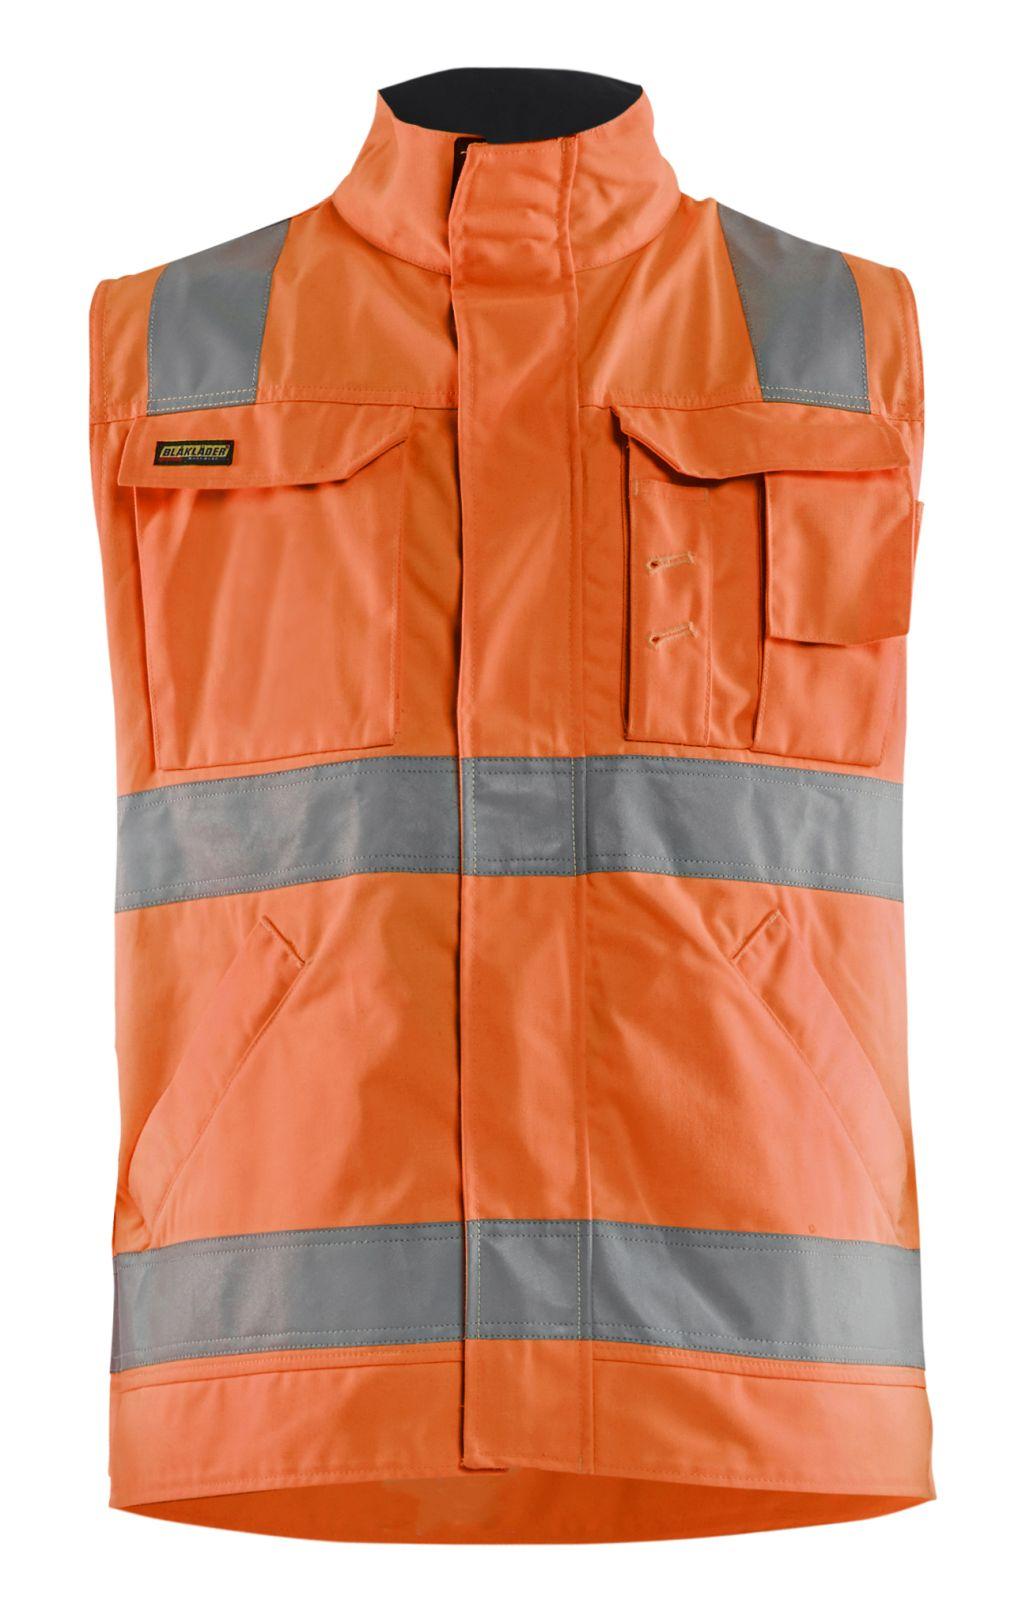 Blaklader Vesten 85051804 High Vis oranje-marineblauw(5389)